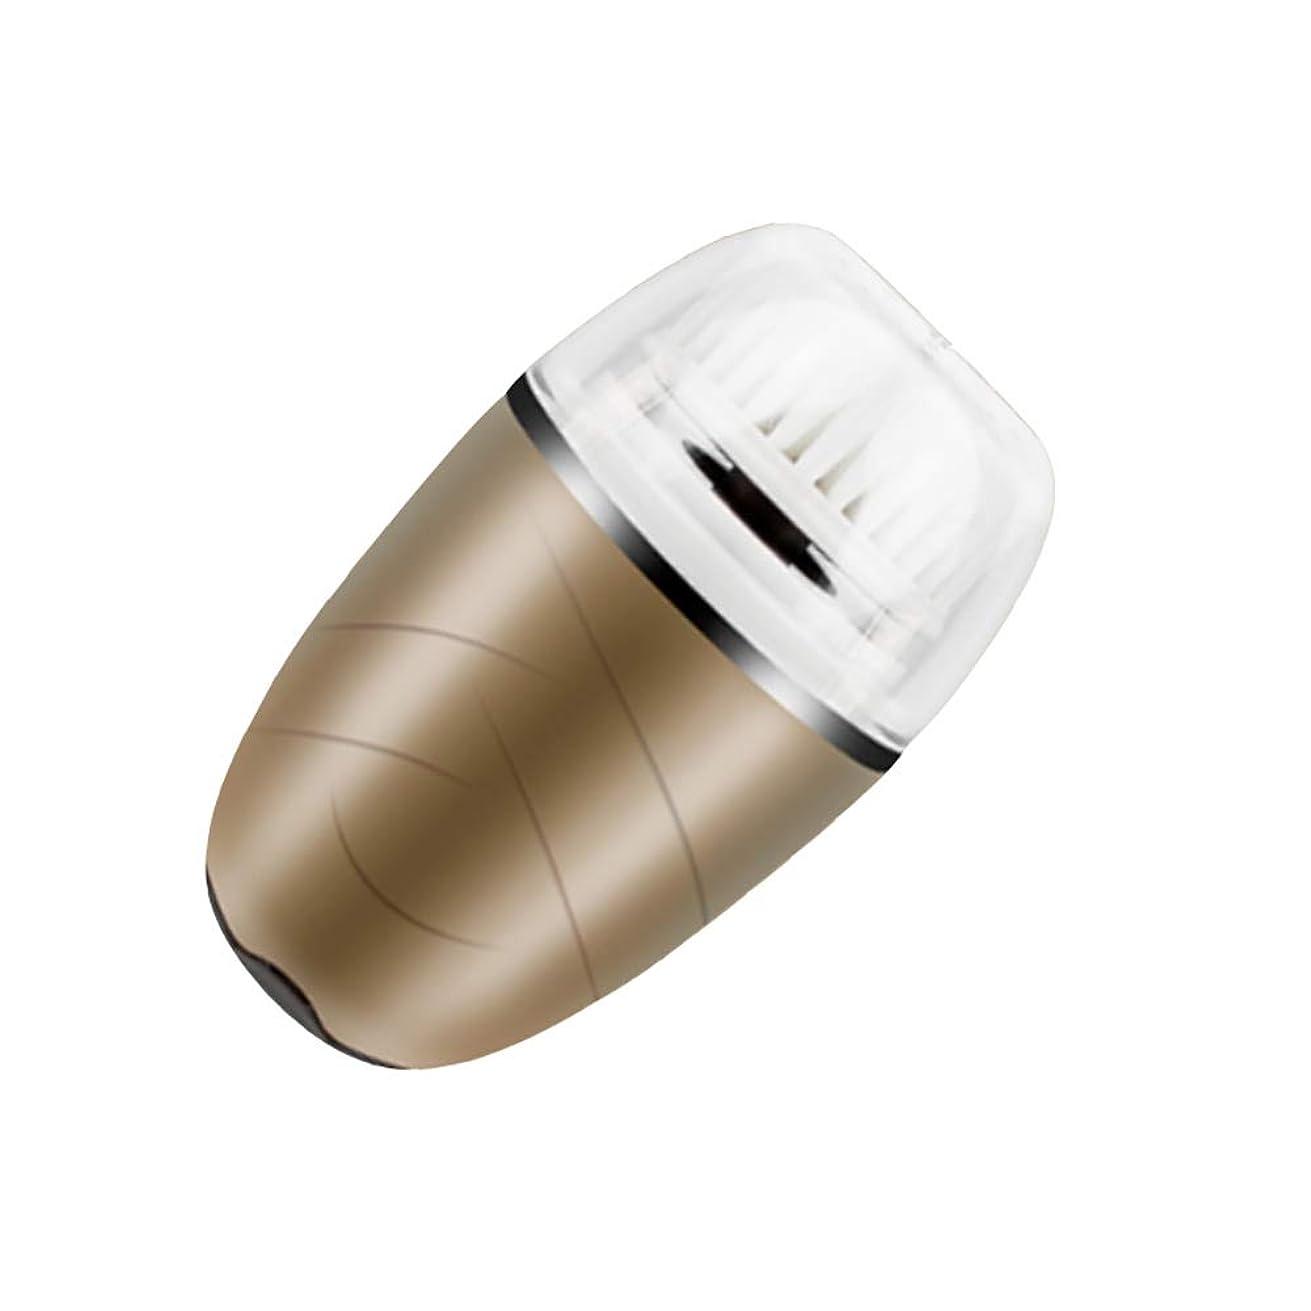 地上で線形南方の洗顔ブラシ、電動ソニックフェイスブラシ振動顔クレンジングシステム防水ブラシにきびエクスフォリエーター USB 充電式,Gold